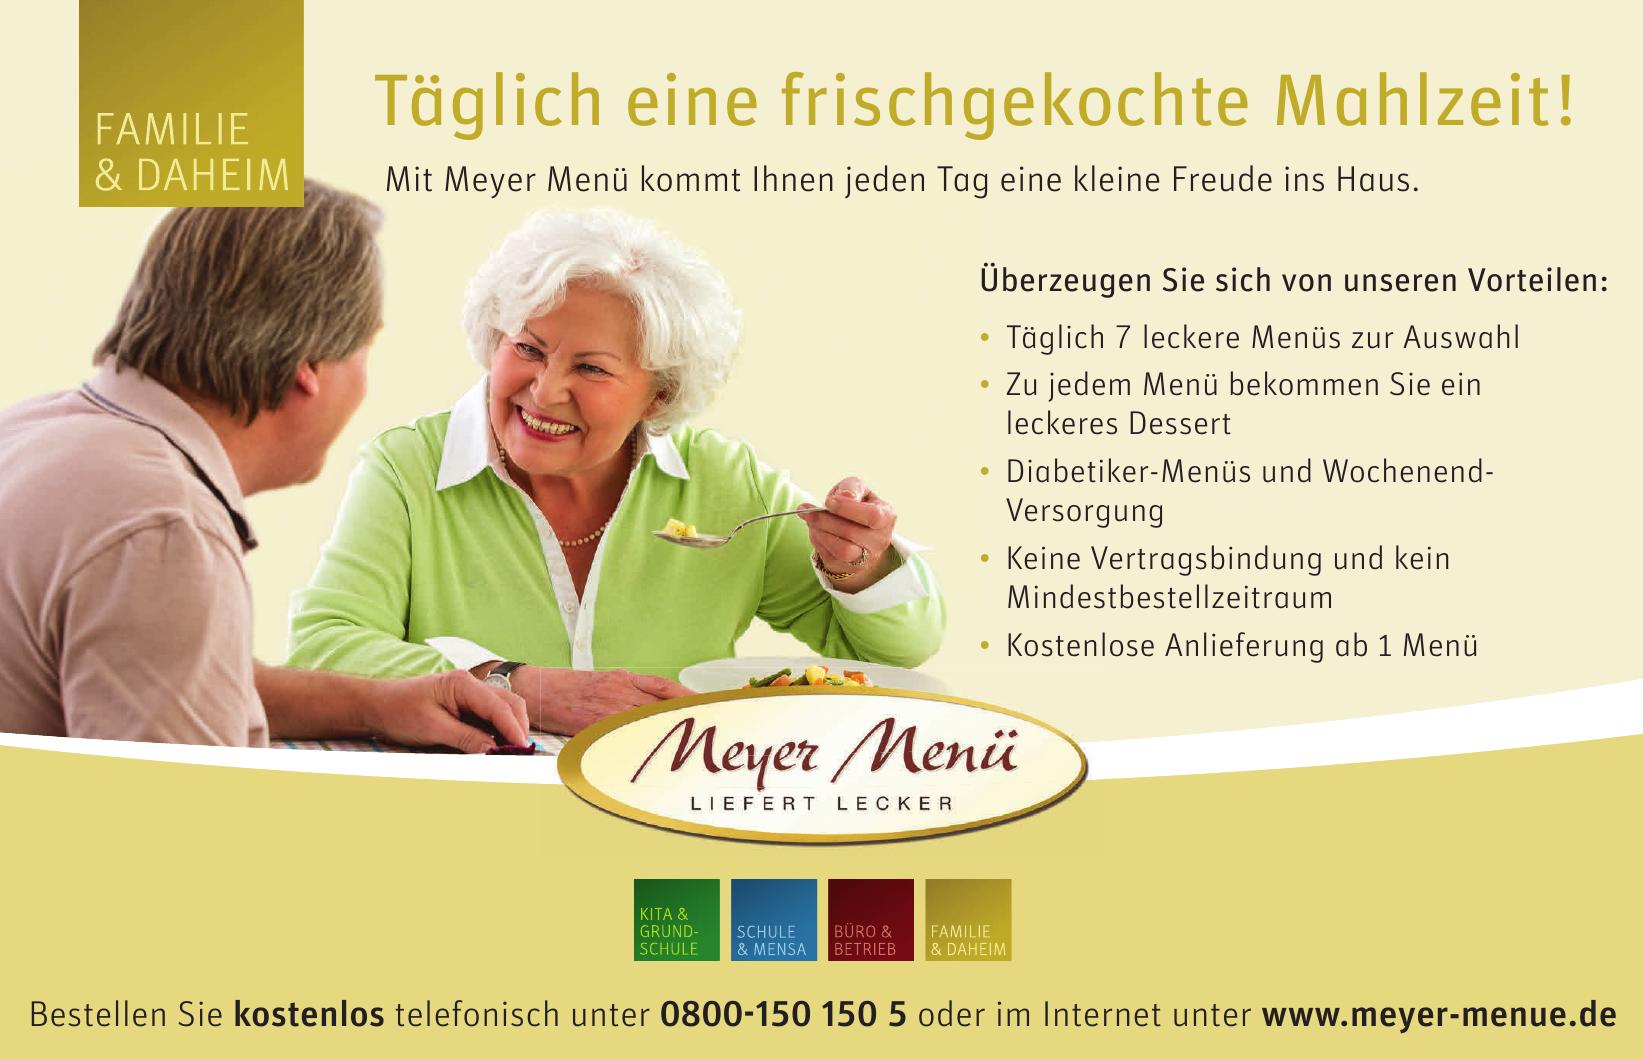 Meyer Menü Liefert Lecker